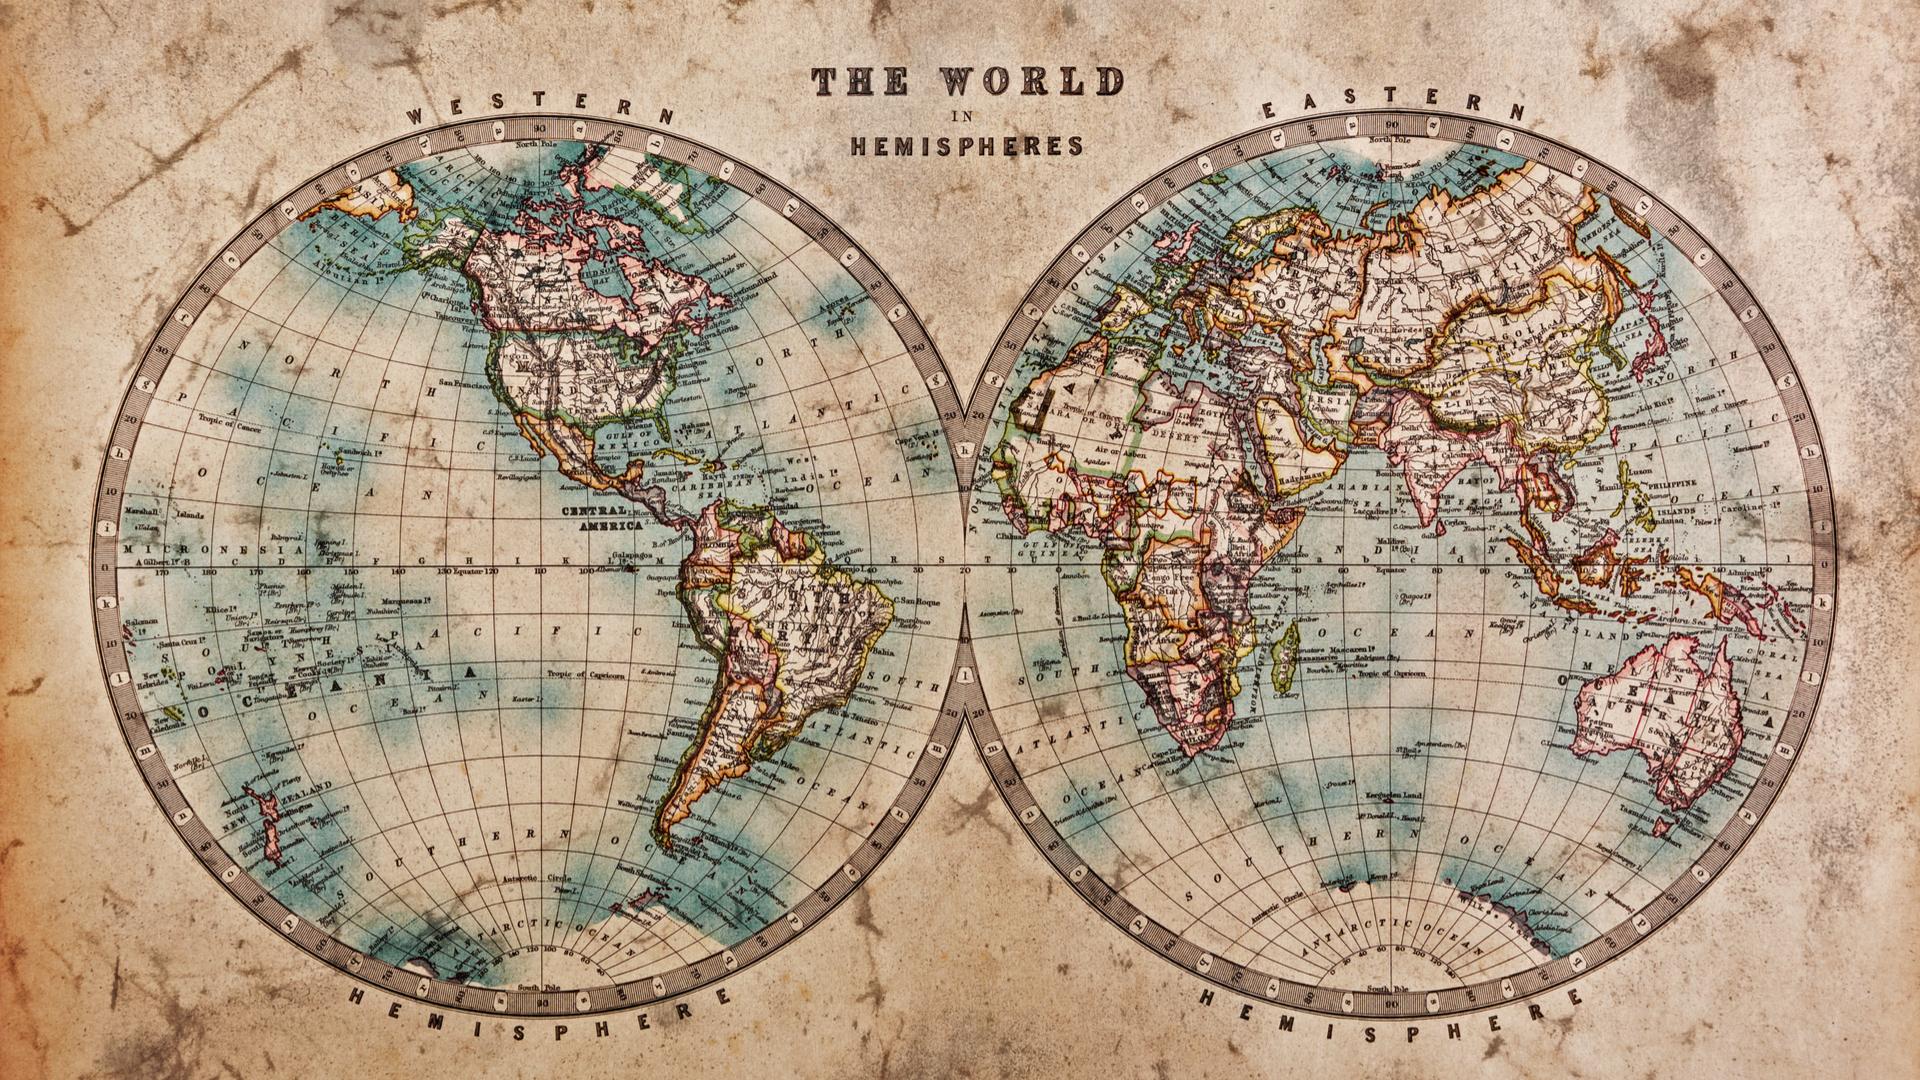 Mapa del món de mitjans de la dècada de 1800, representant els hemisferis occidental i oriental